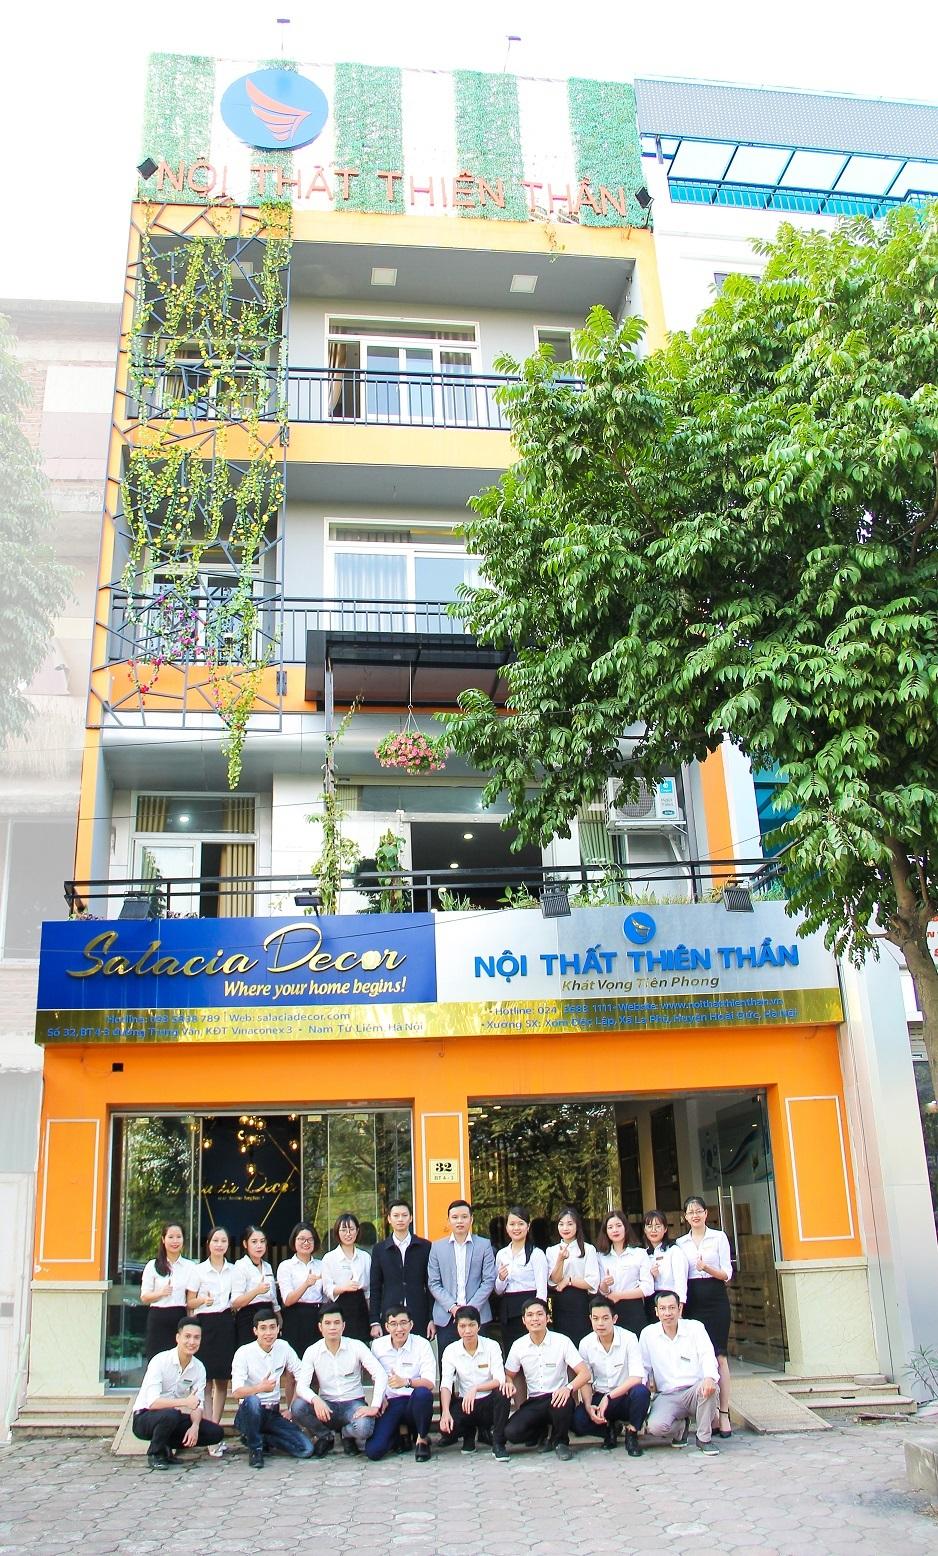 Ban lãnh đạo Công ty Nội thất Thiên Thần (thứ 6 và 7 từ trái sang) cùng các nhân viên trước trụ sở số 32, BT4 - 3 KĐT Trung Văn Vinaconex 3, Nam Từ Liêm, Hà Nội.